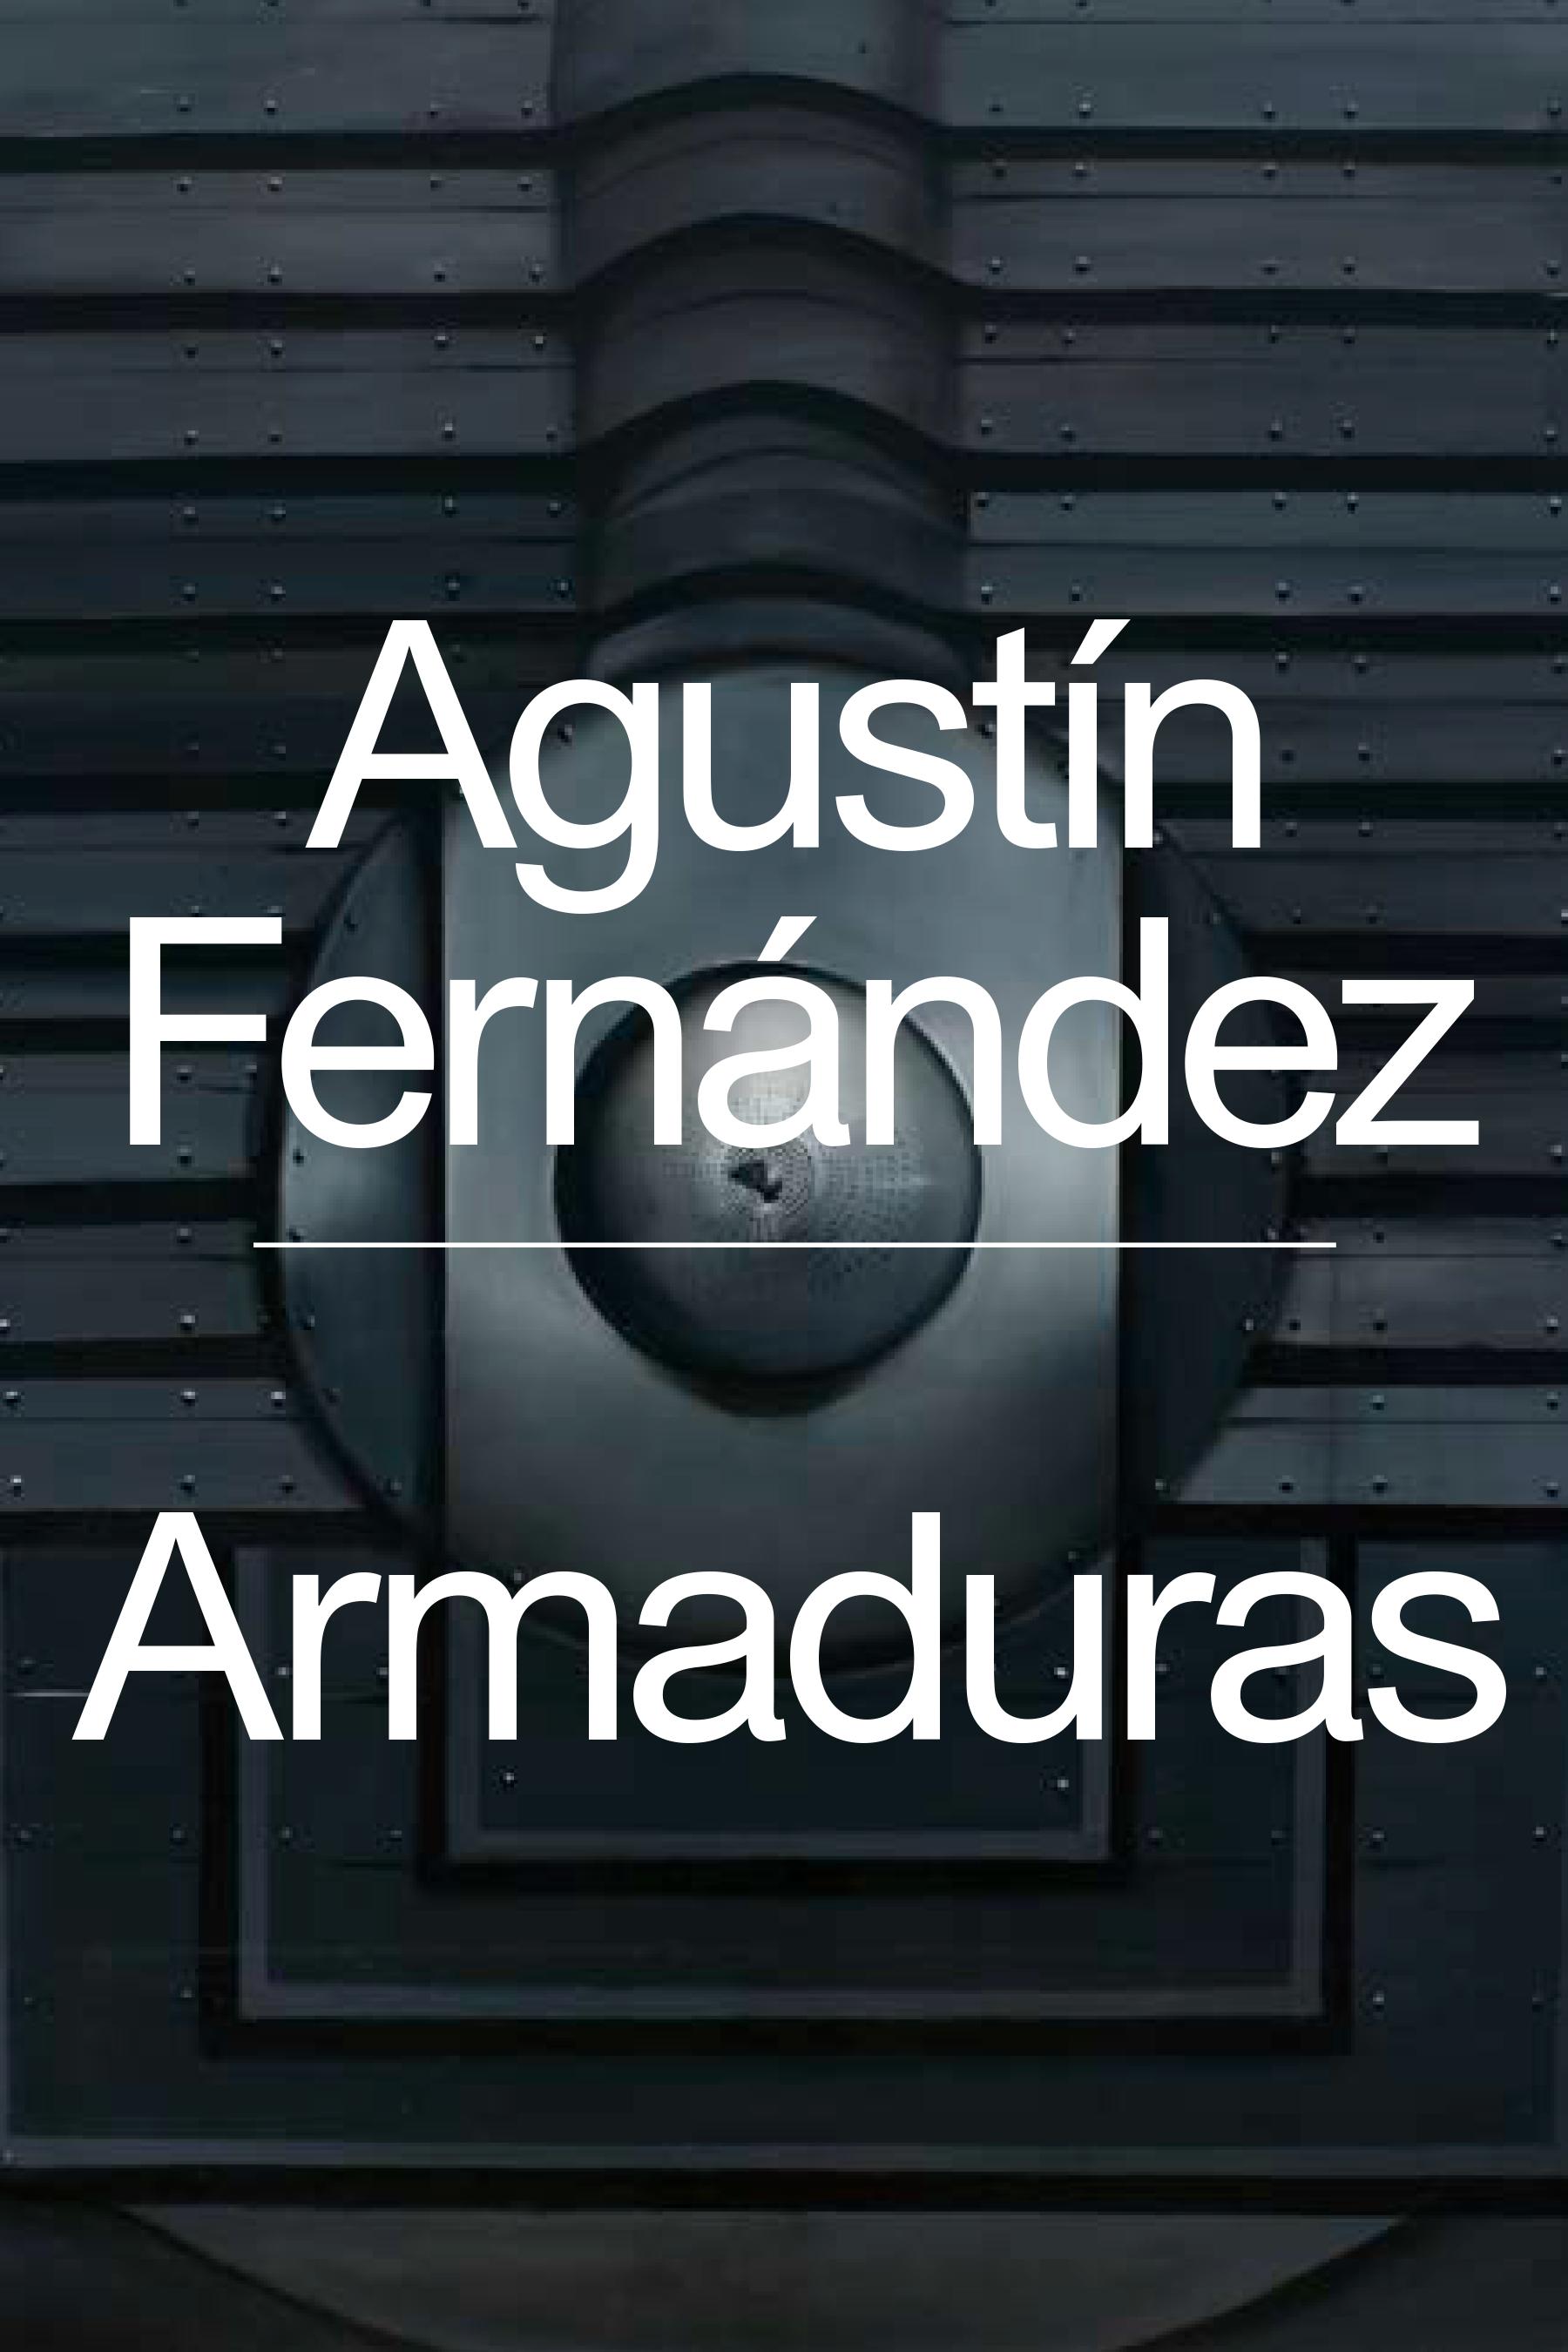 Agustín Fernández: Armaduras, ICA Miami, Paperback Cover